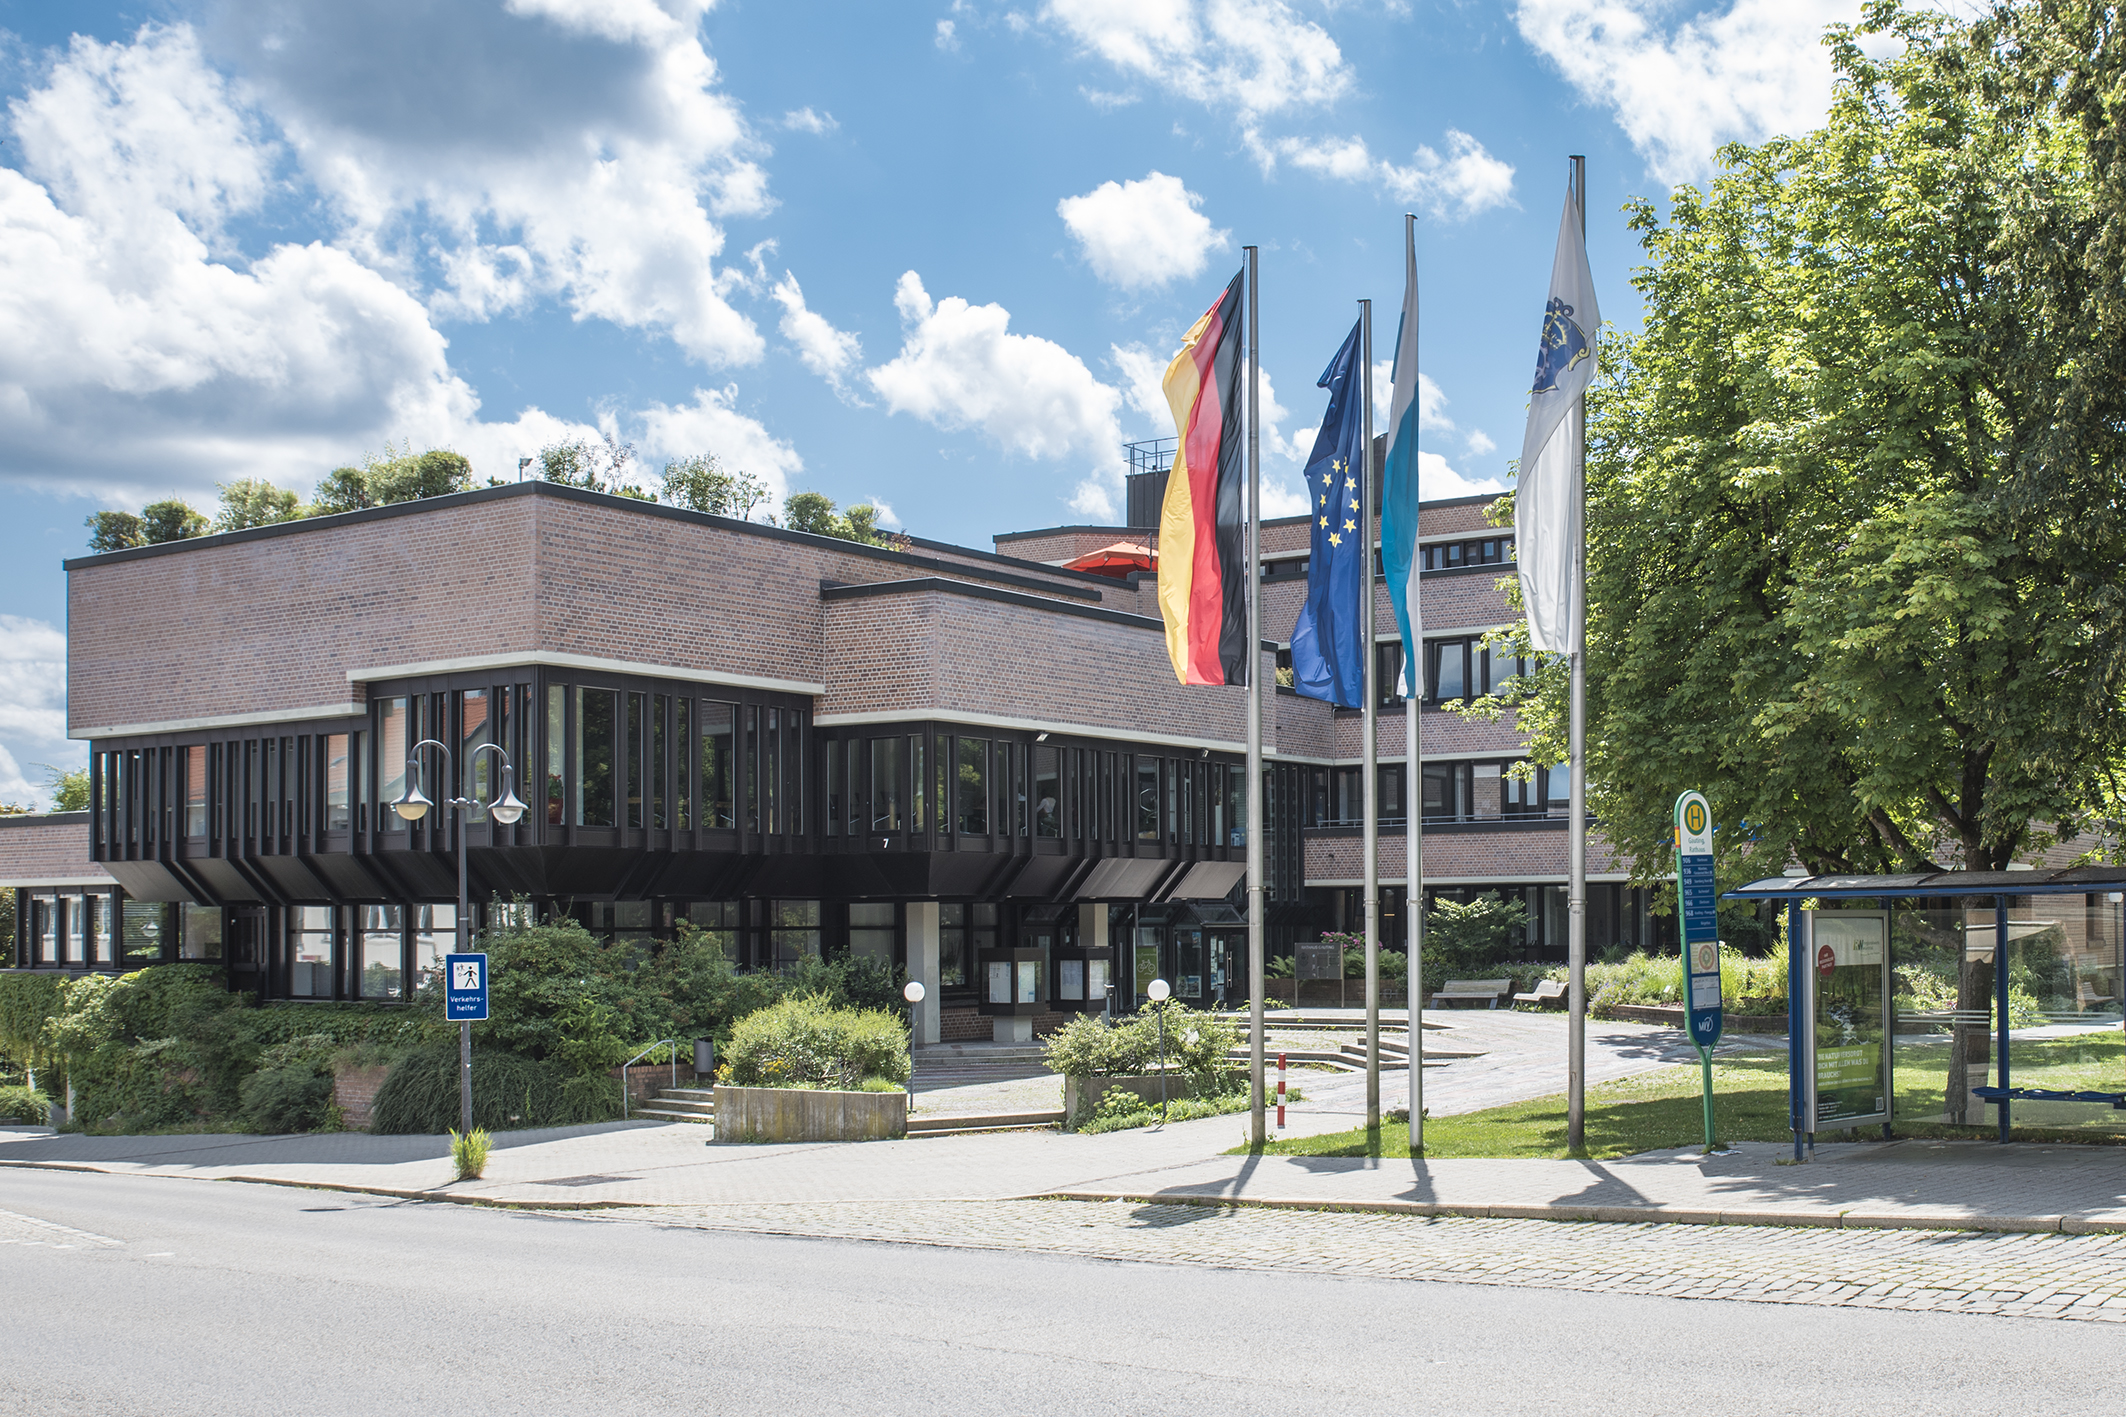 Wir wünschen unserer Bürgermeisterin Brigitte Kössinger und dem neuen Gemeinderat viel Erfolg und eine gute Hand!